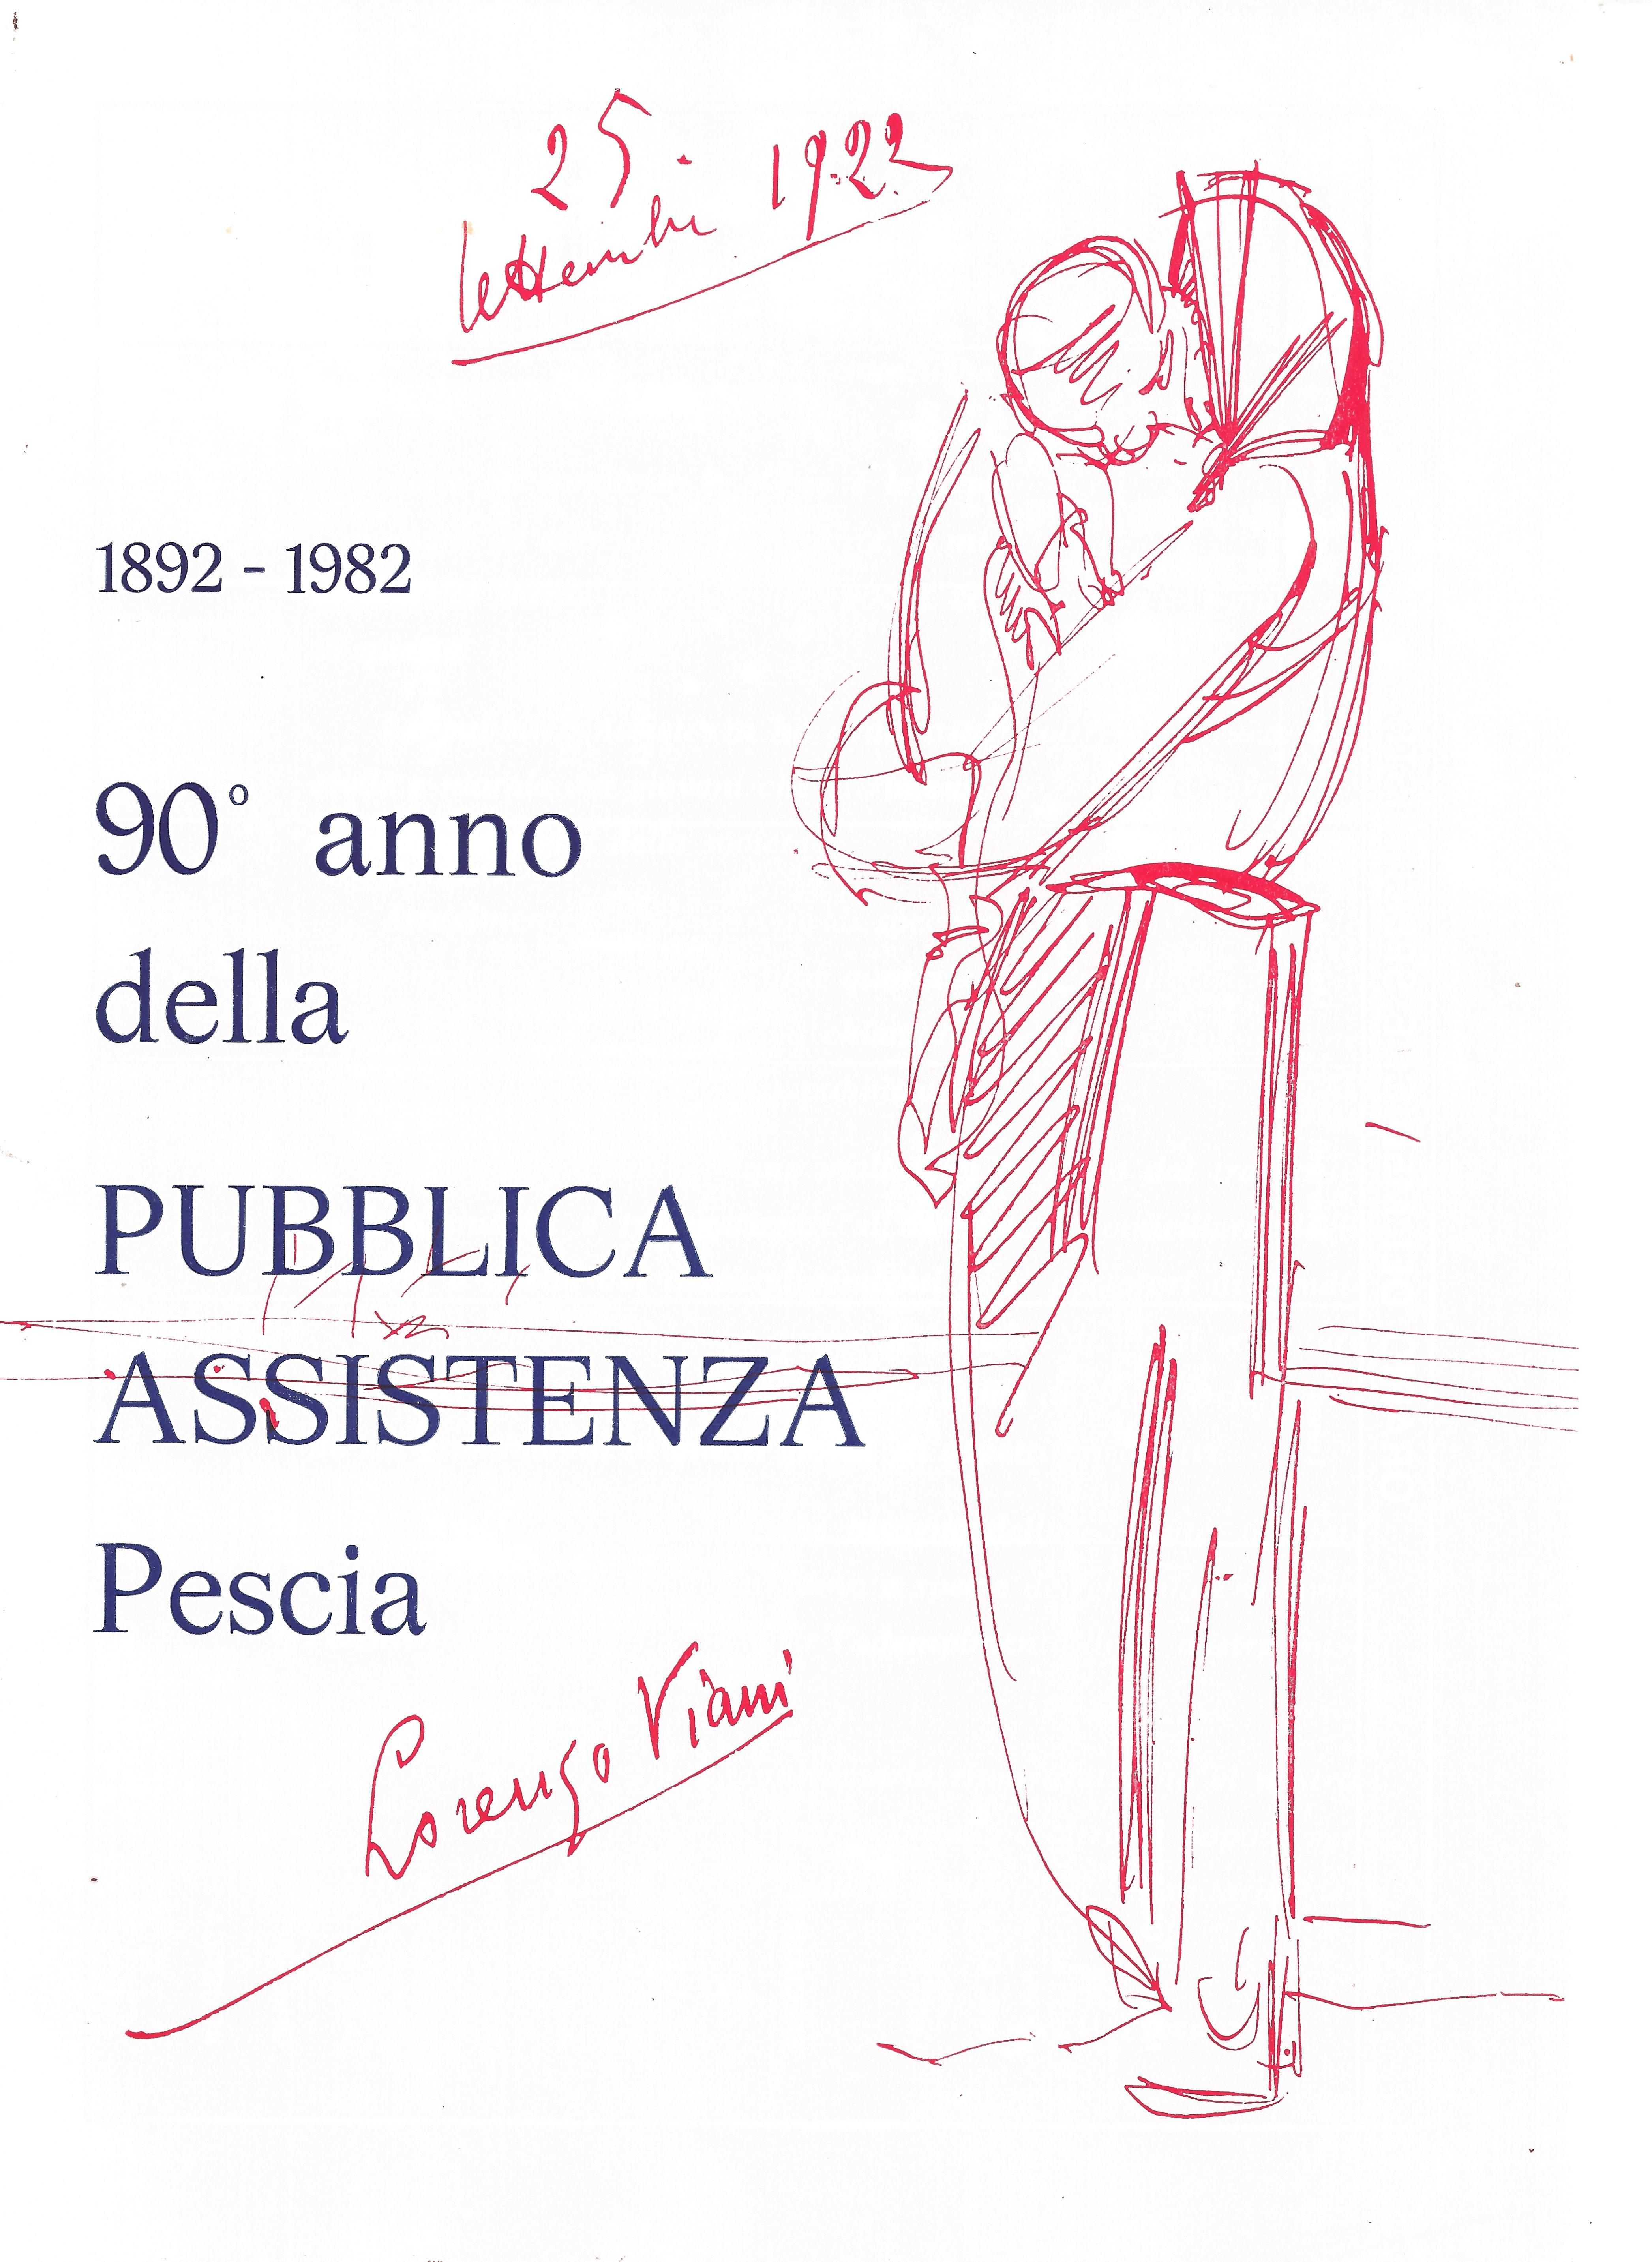 locandina 90 anni anniversario disegno viani pubblica assistenza pescia